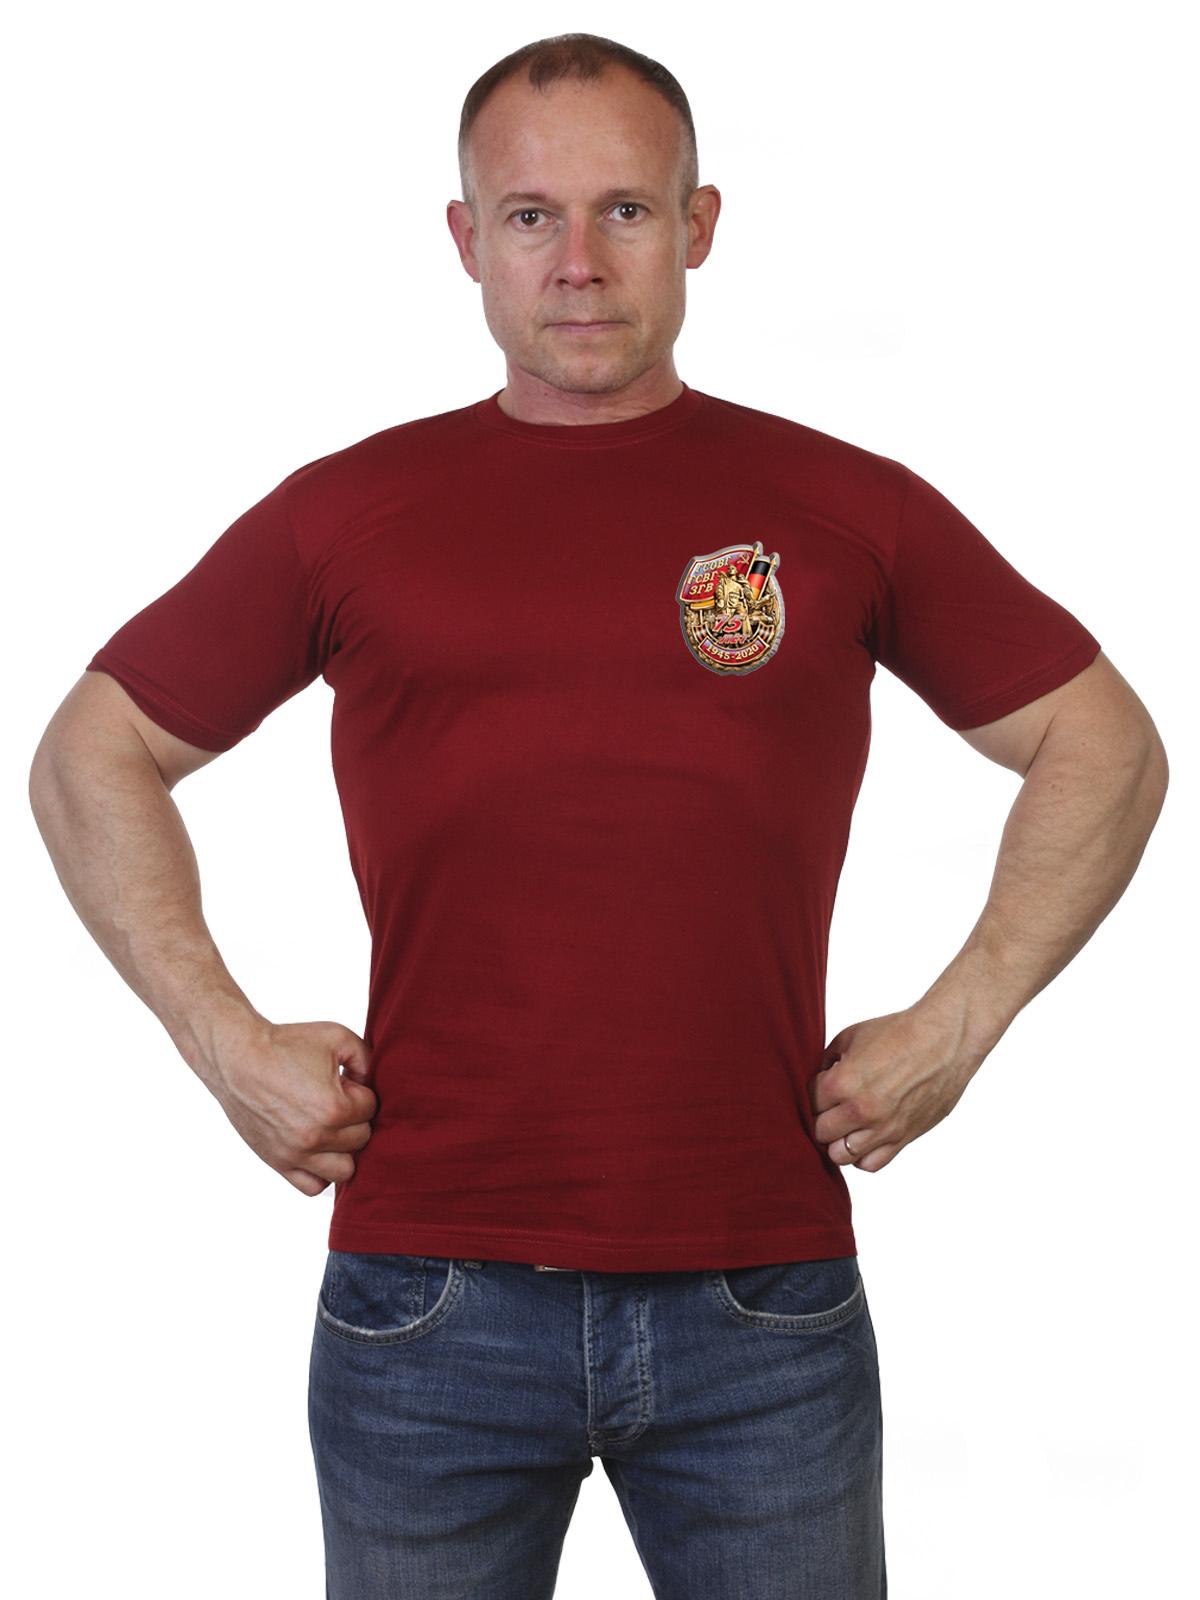 Заказать мужскую футболку Группа советских войск в Германии